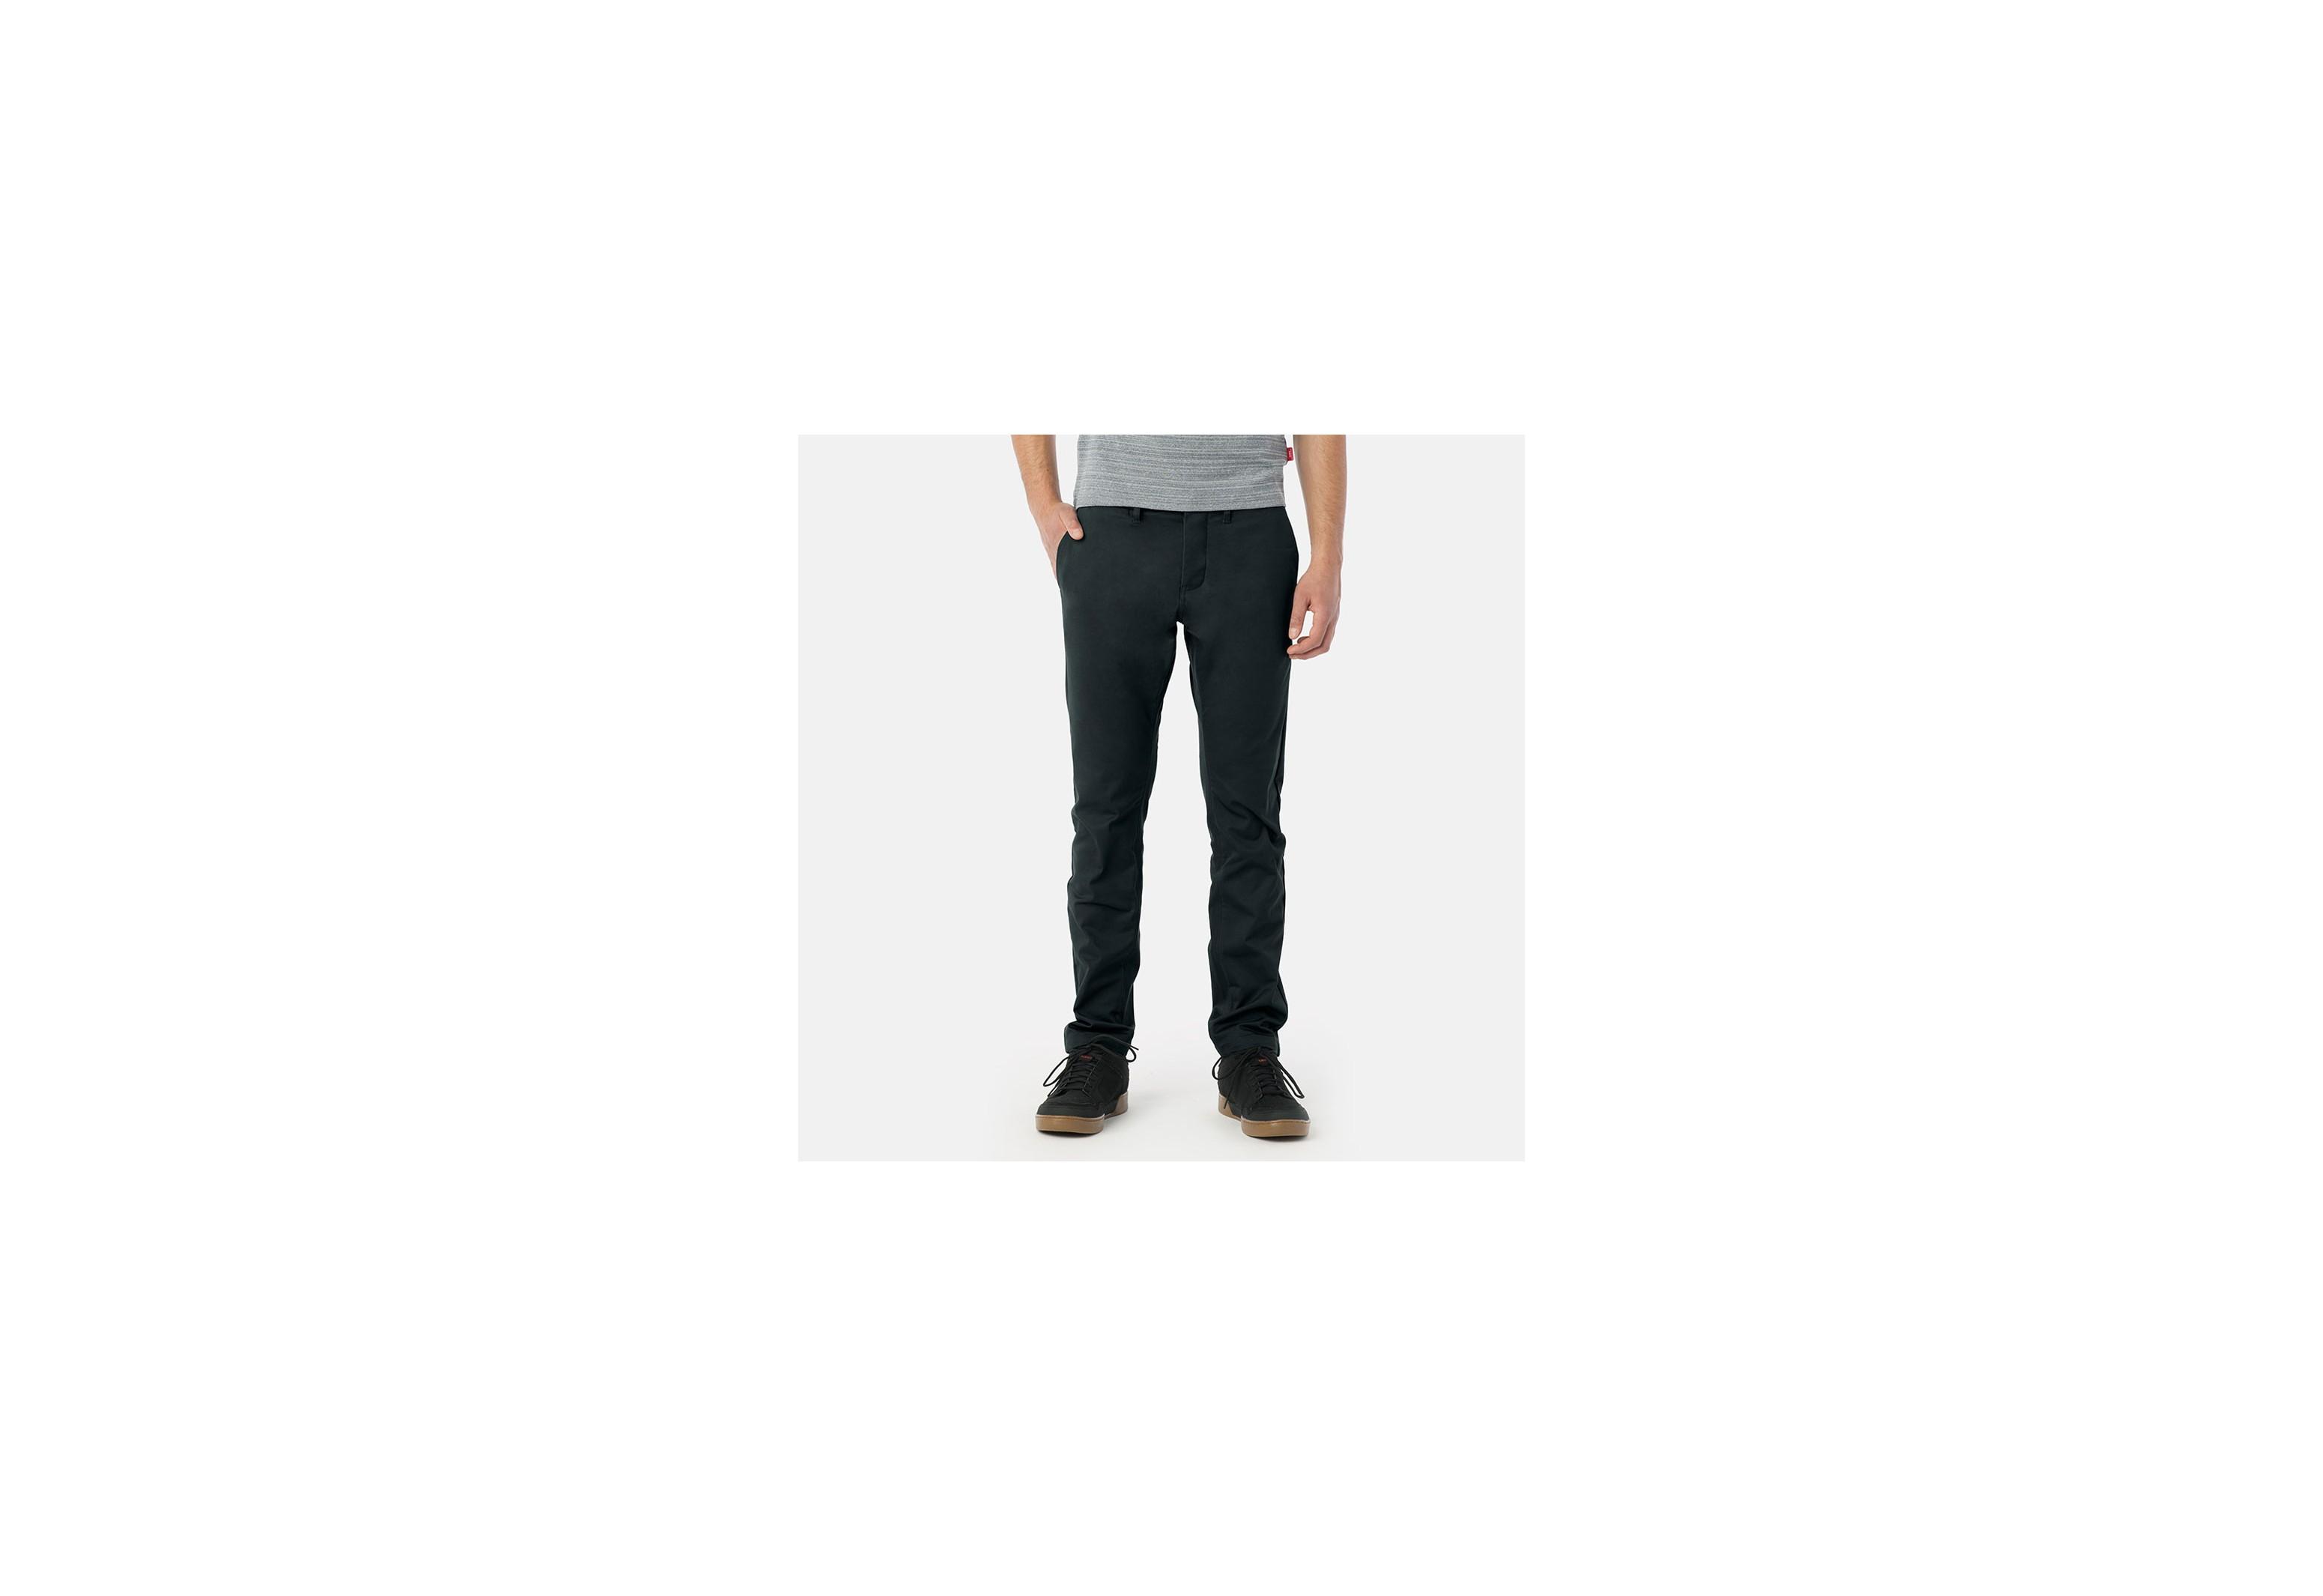 Pantalon Giro Mobility Trousers